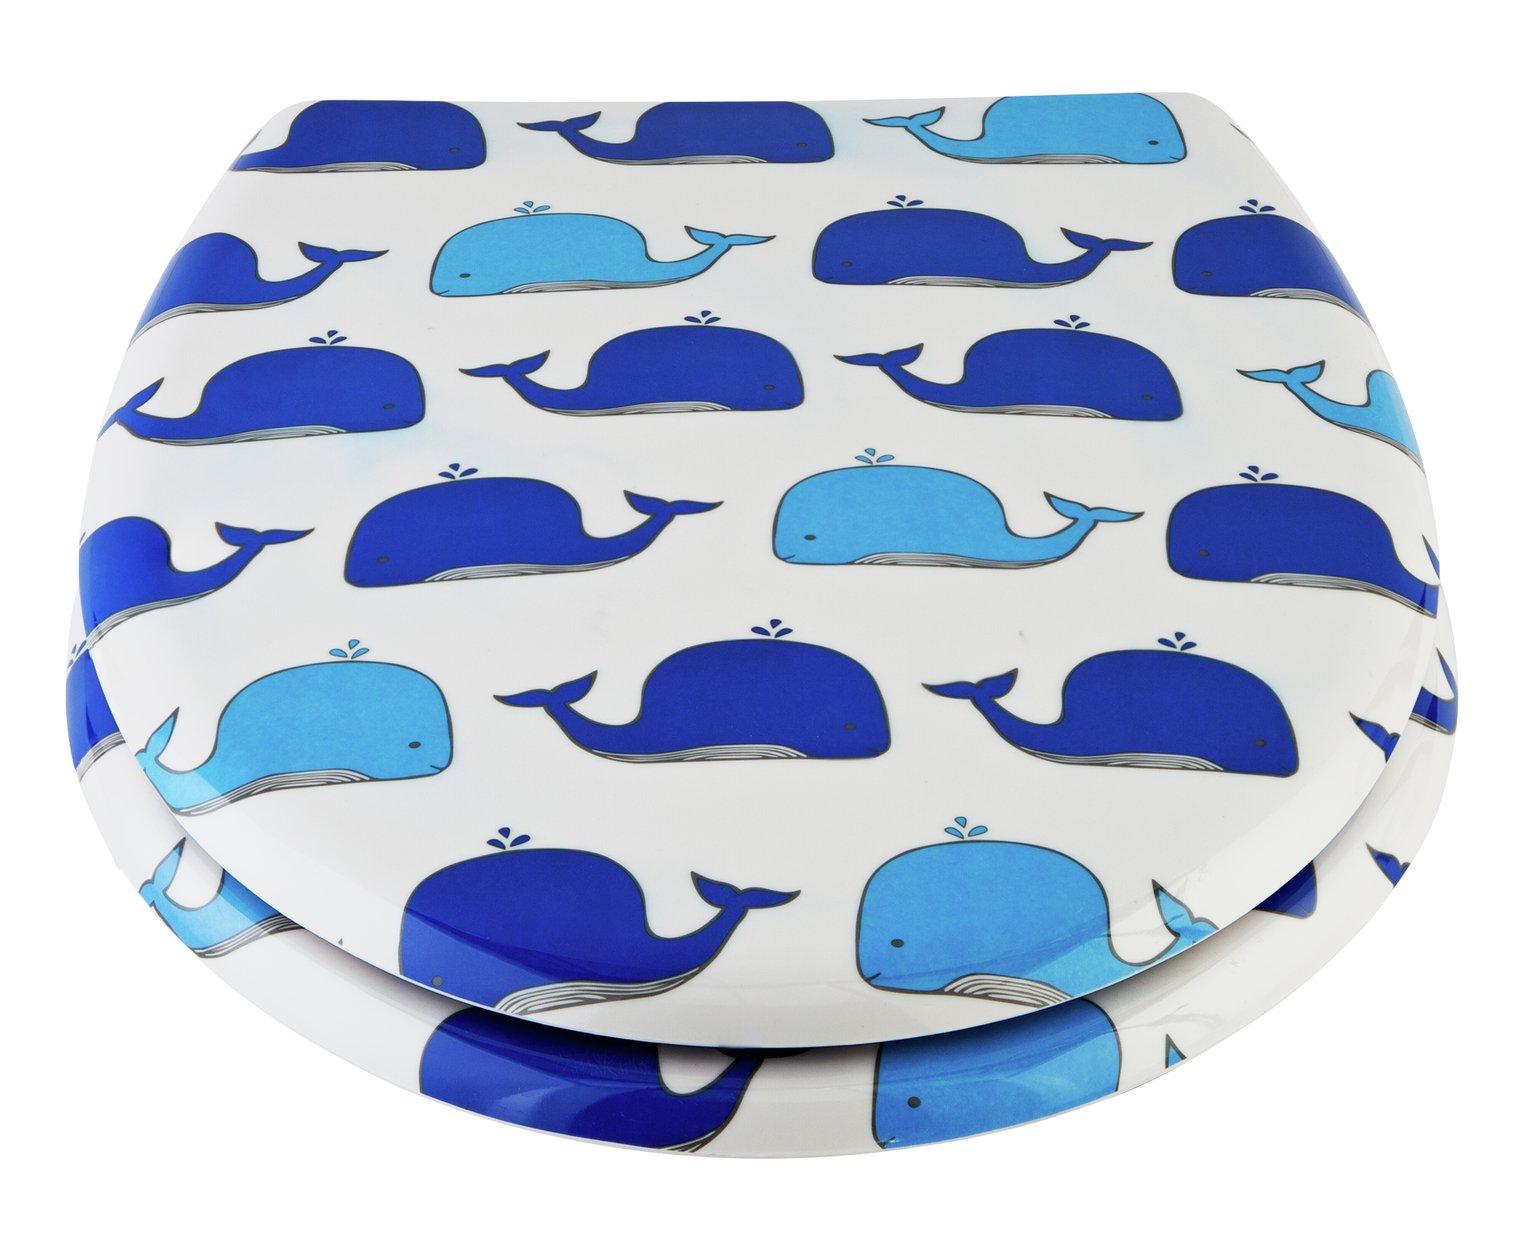 Argos Home Wally the Whale Slow Close Toilet Seat - White